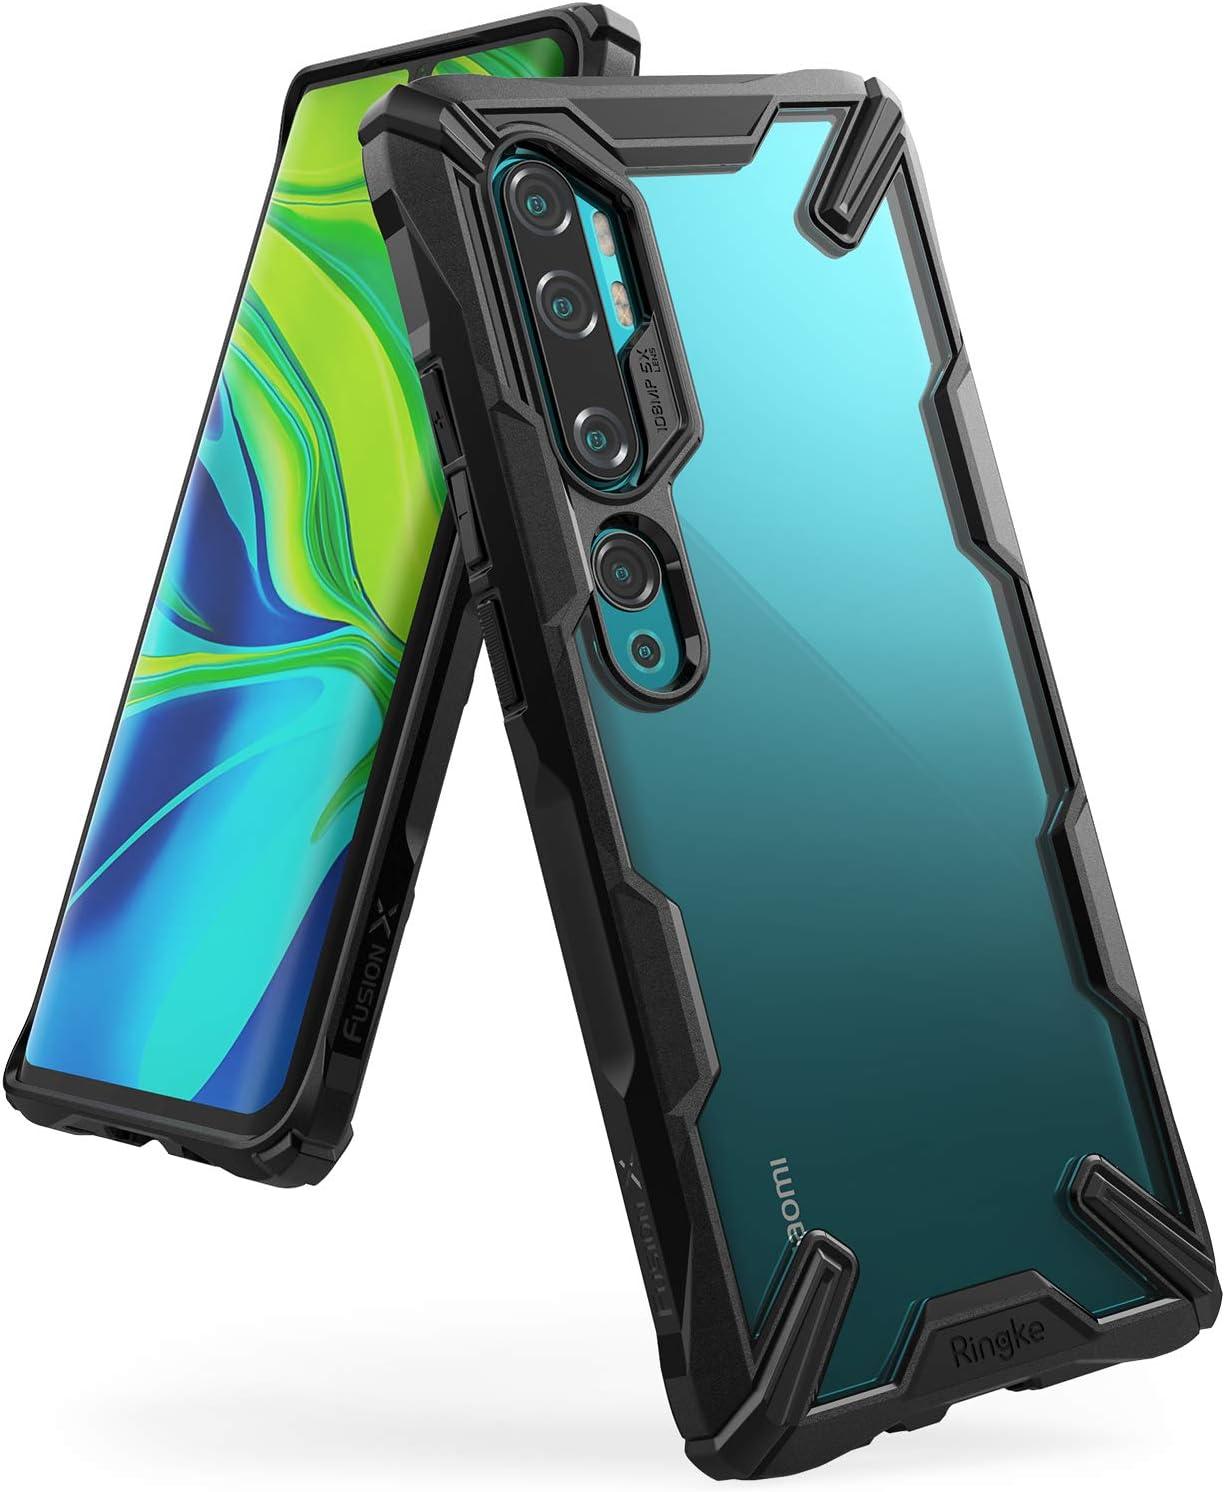 Ringke Fusion-X Diseñado para Funda Xiaomi Mi Note 10, Funda para Mi Note 10 Pro Protección Resistente Impactos TPU + PC Carcasa Mi Note 10 (6.47